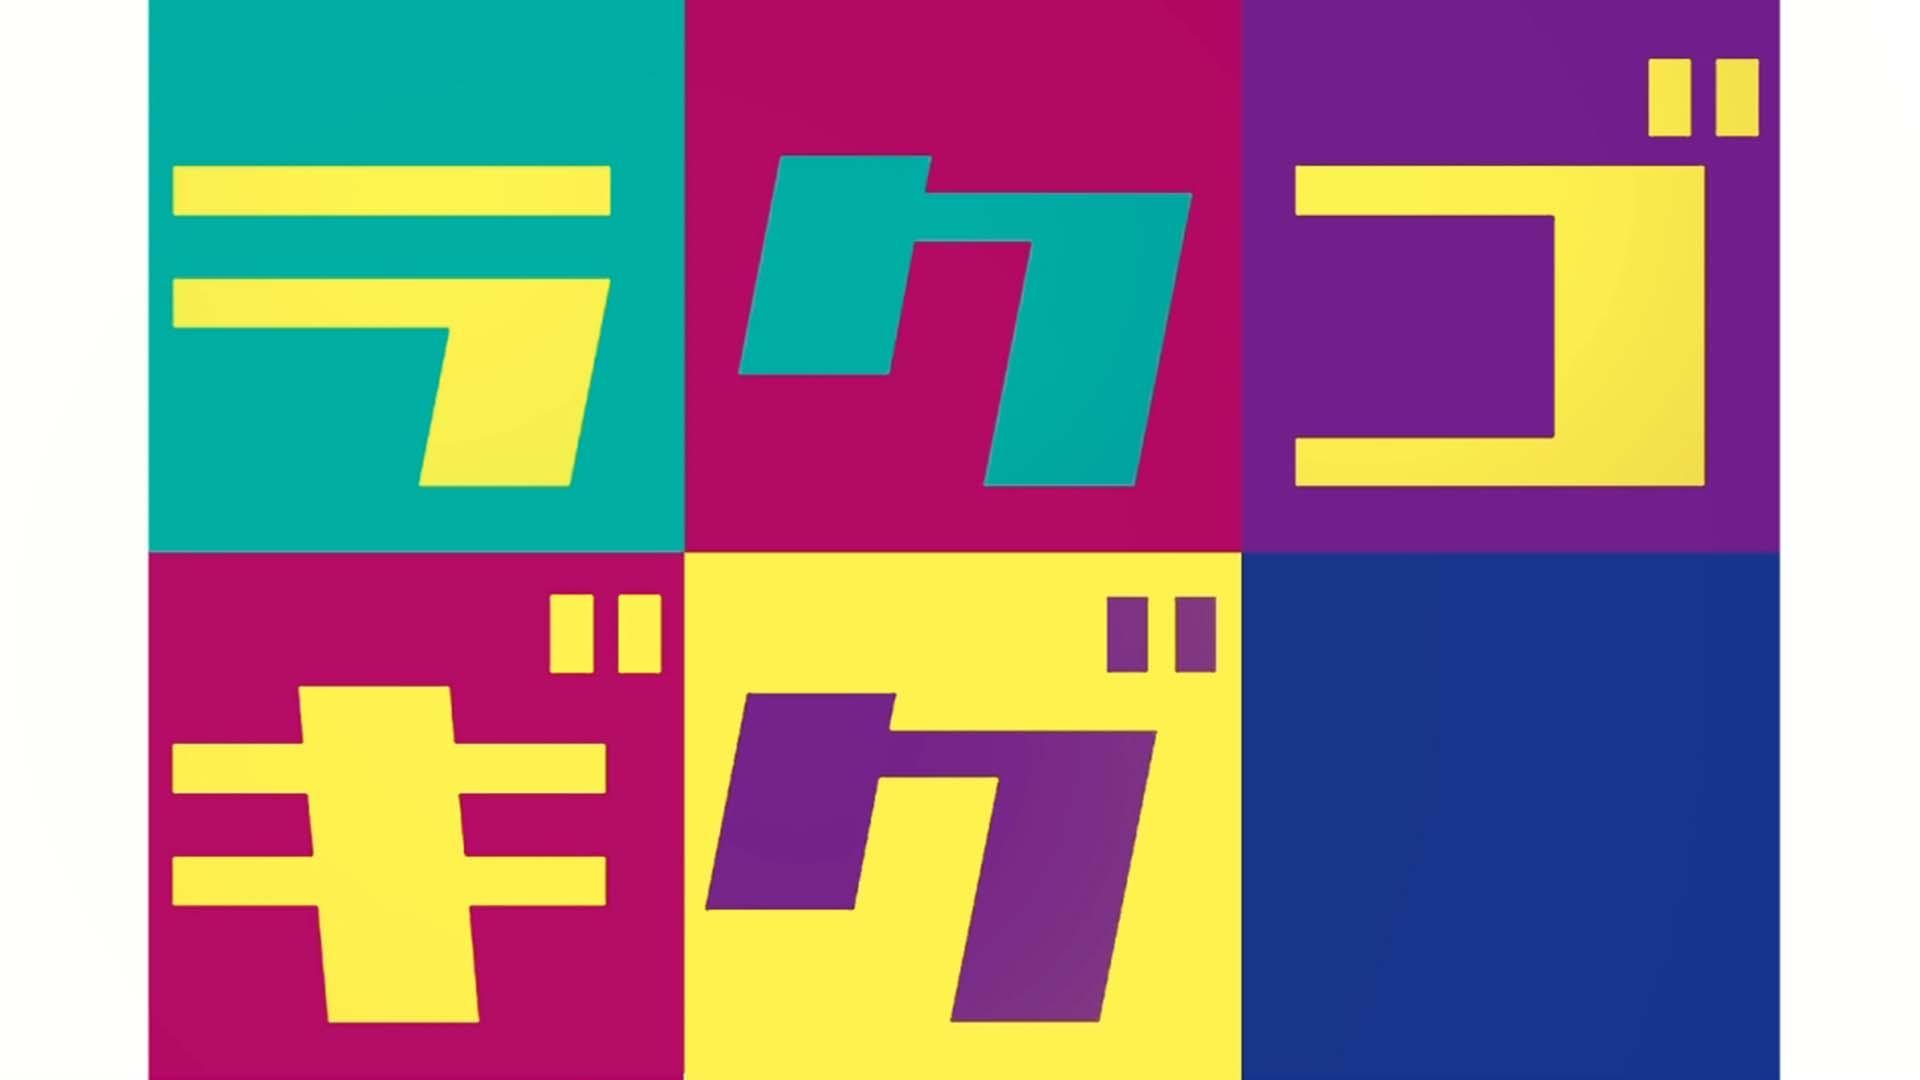 月亭遊方のラクゴギグ~すずらん亭~【寄席チャンネルSELECT】